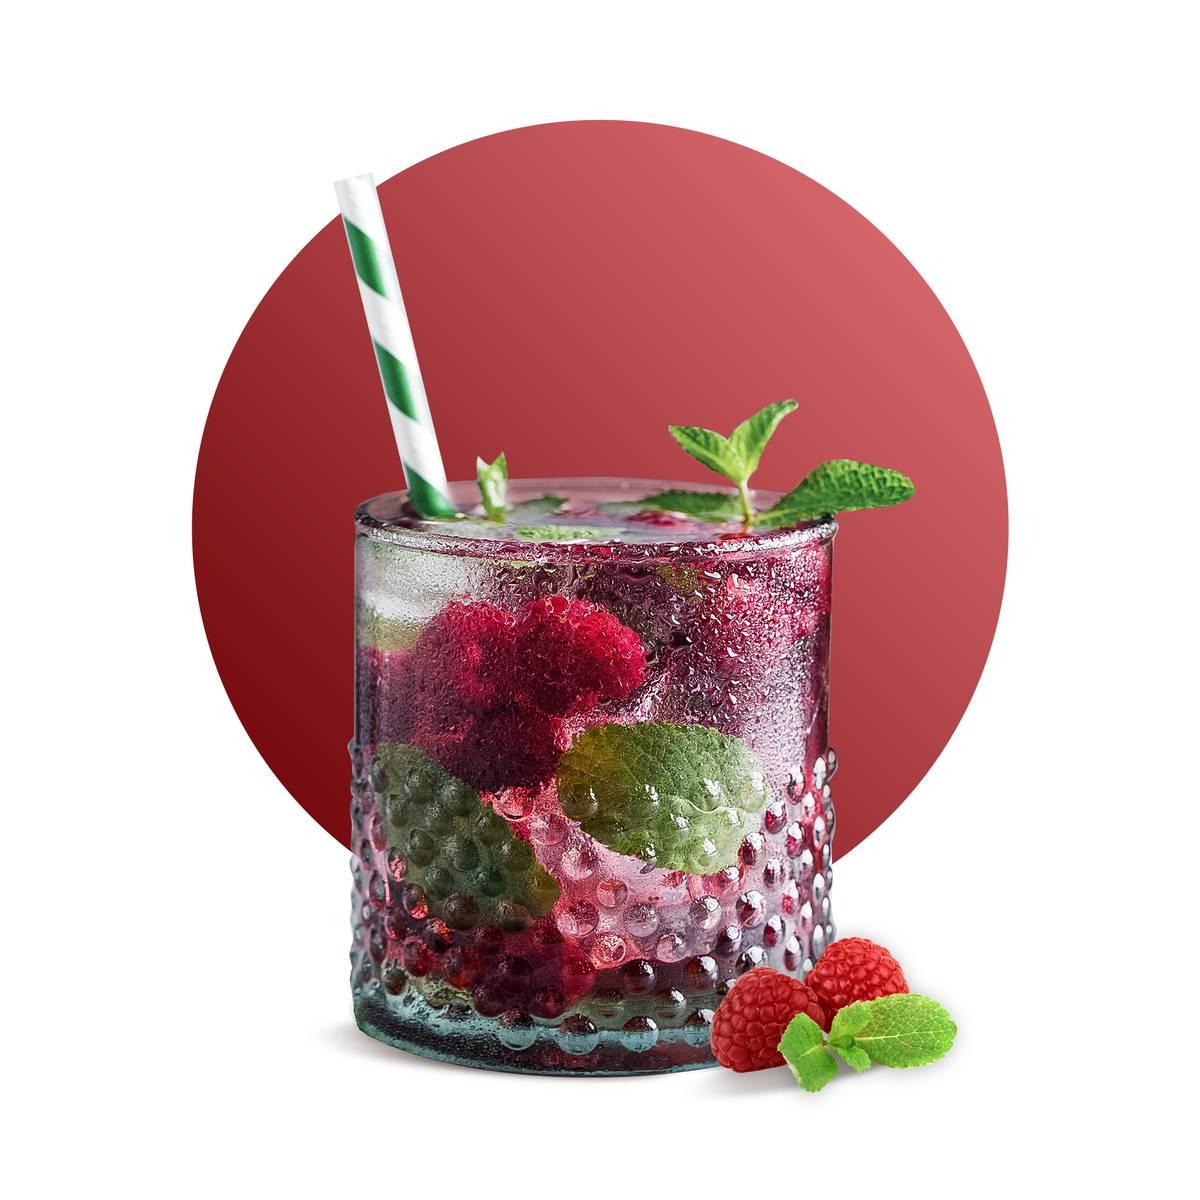 Raspberry Mojito Drink Recipe